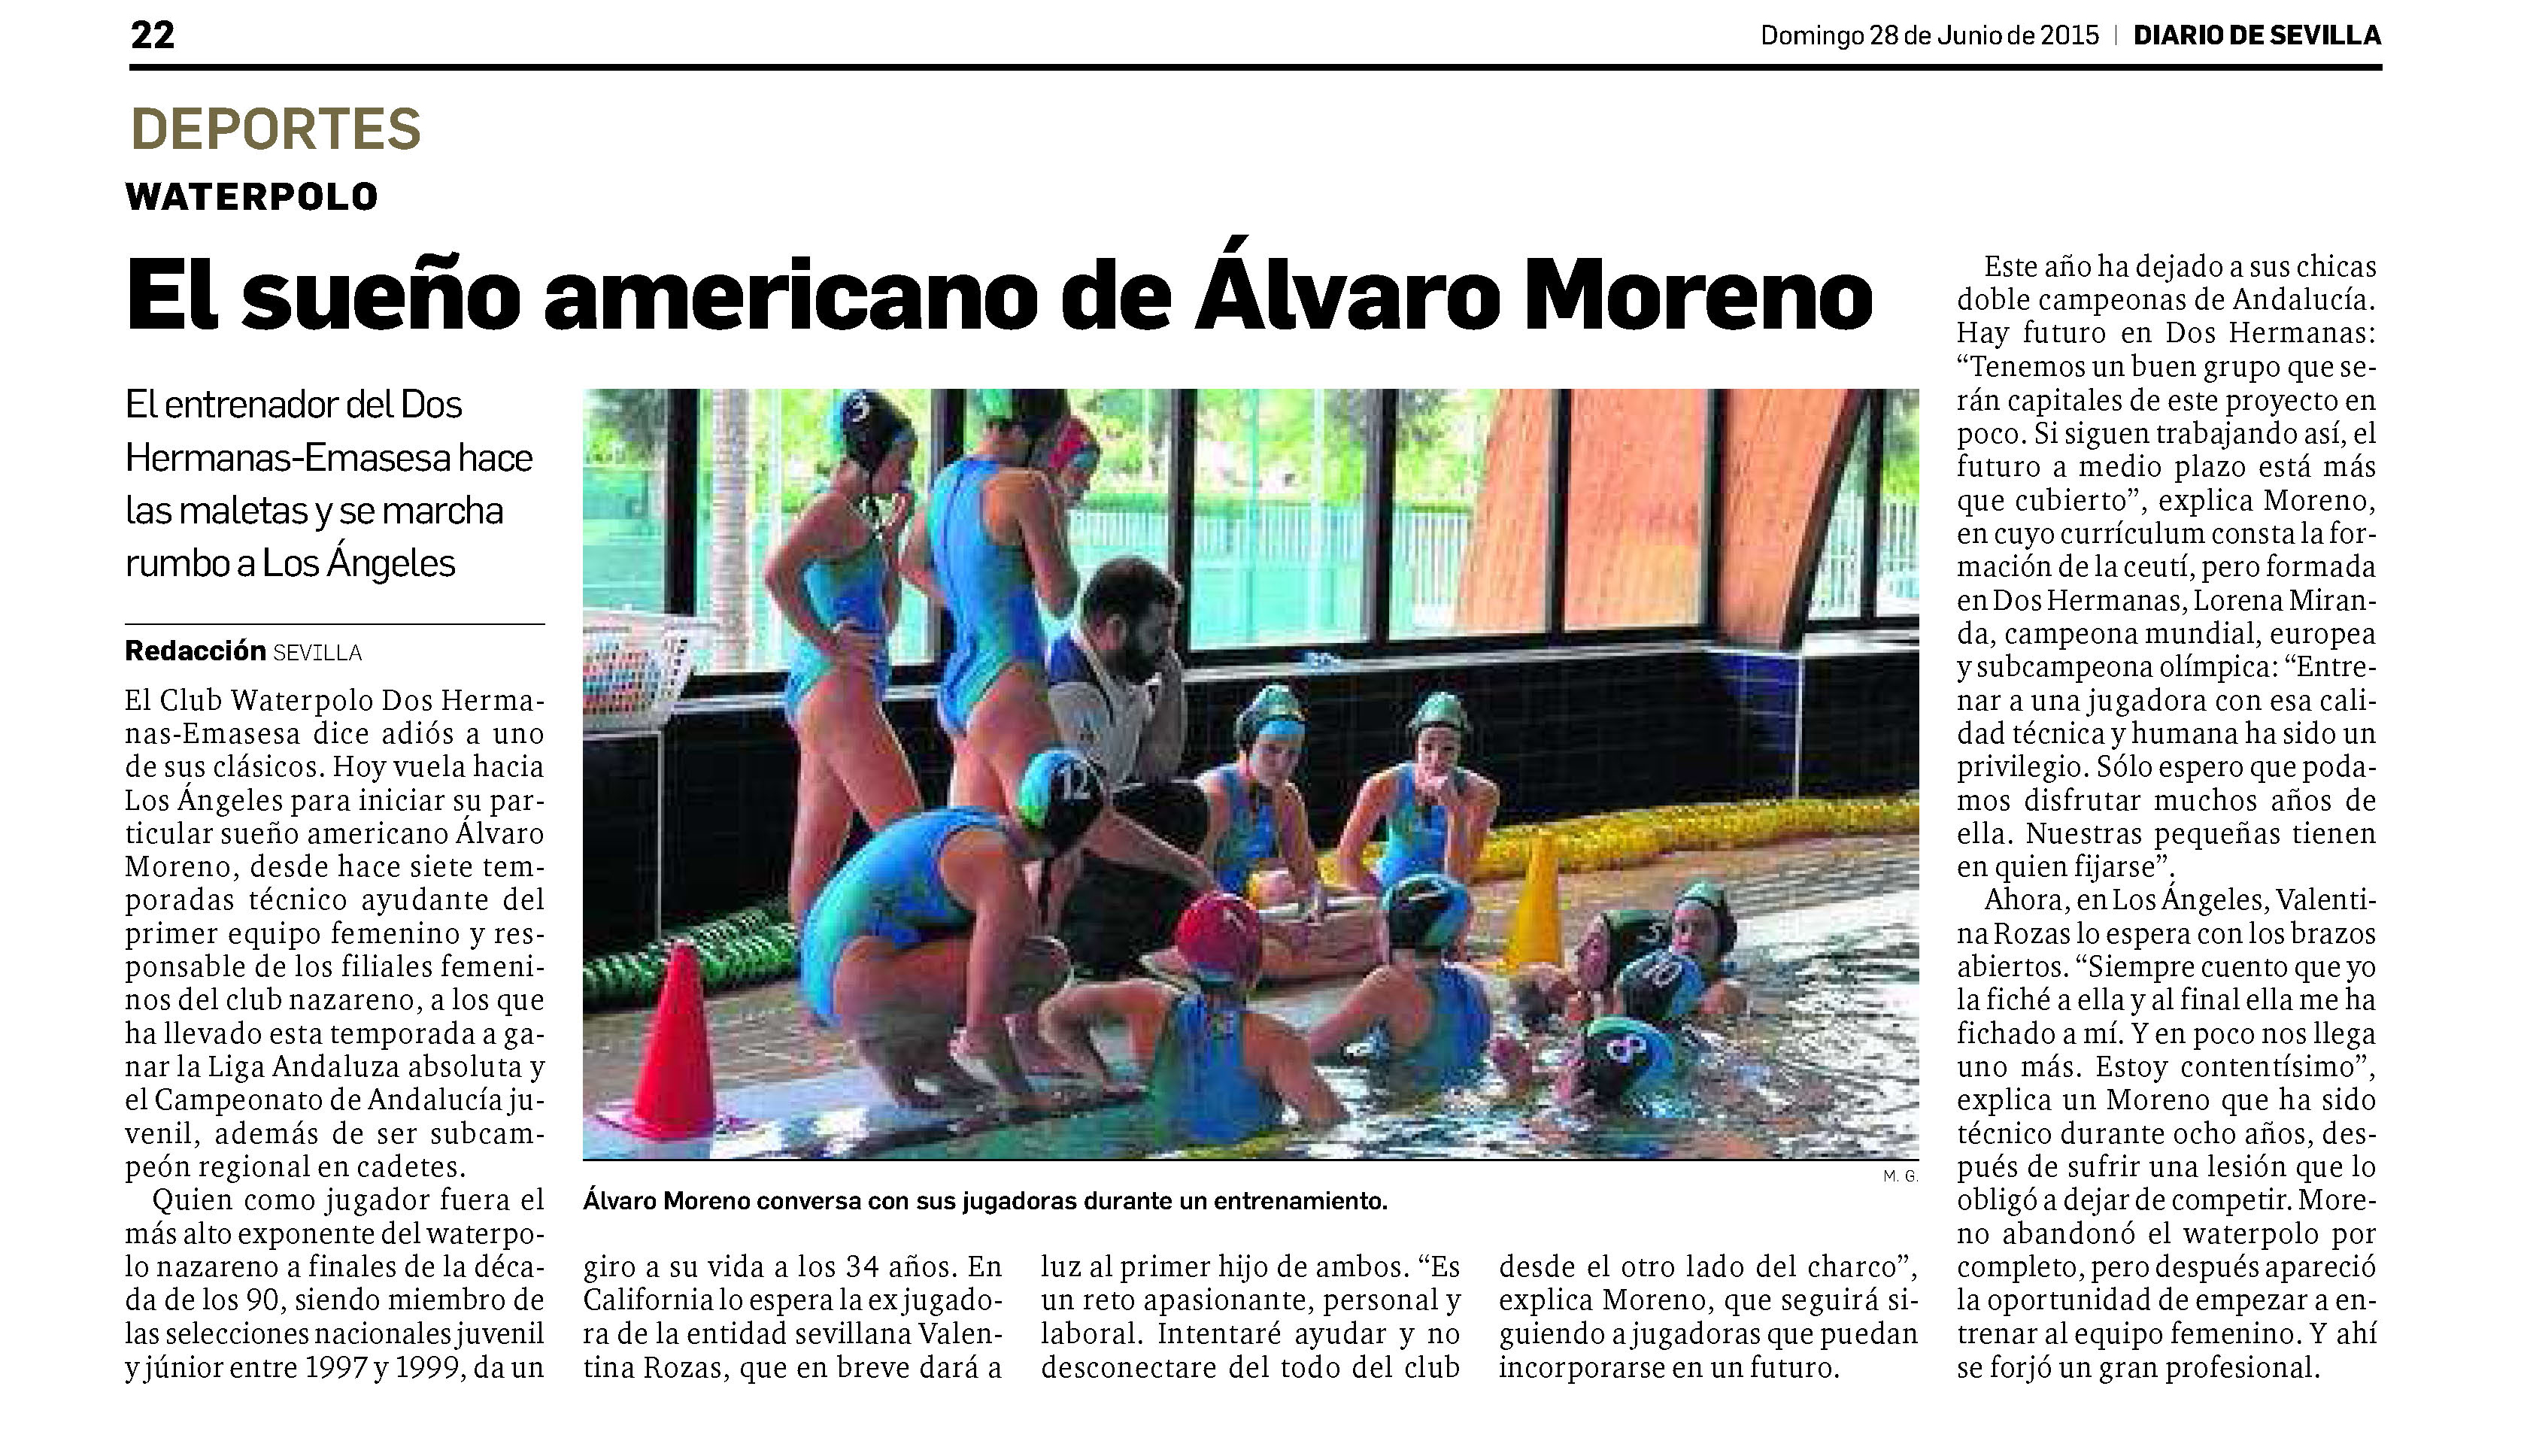 84. Diario de Sevilla 2015-06-28 Alvaro Moreno